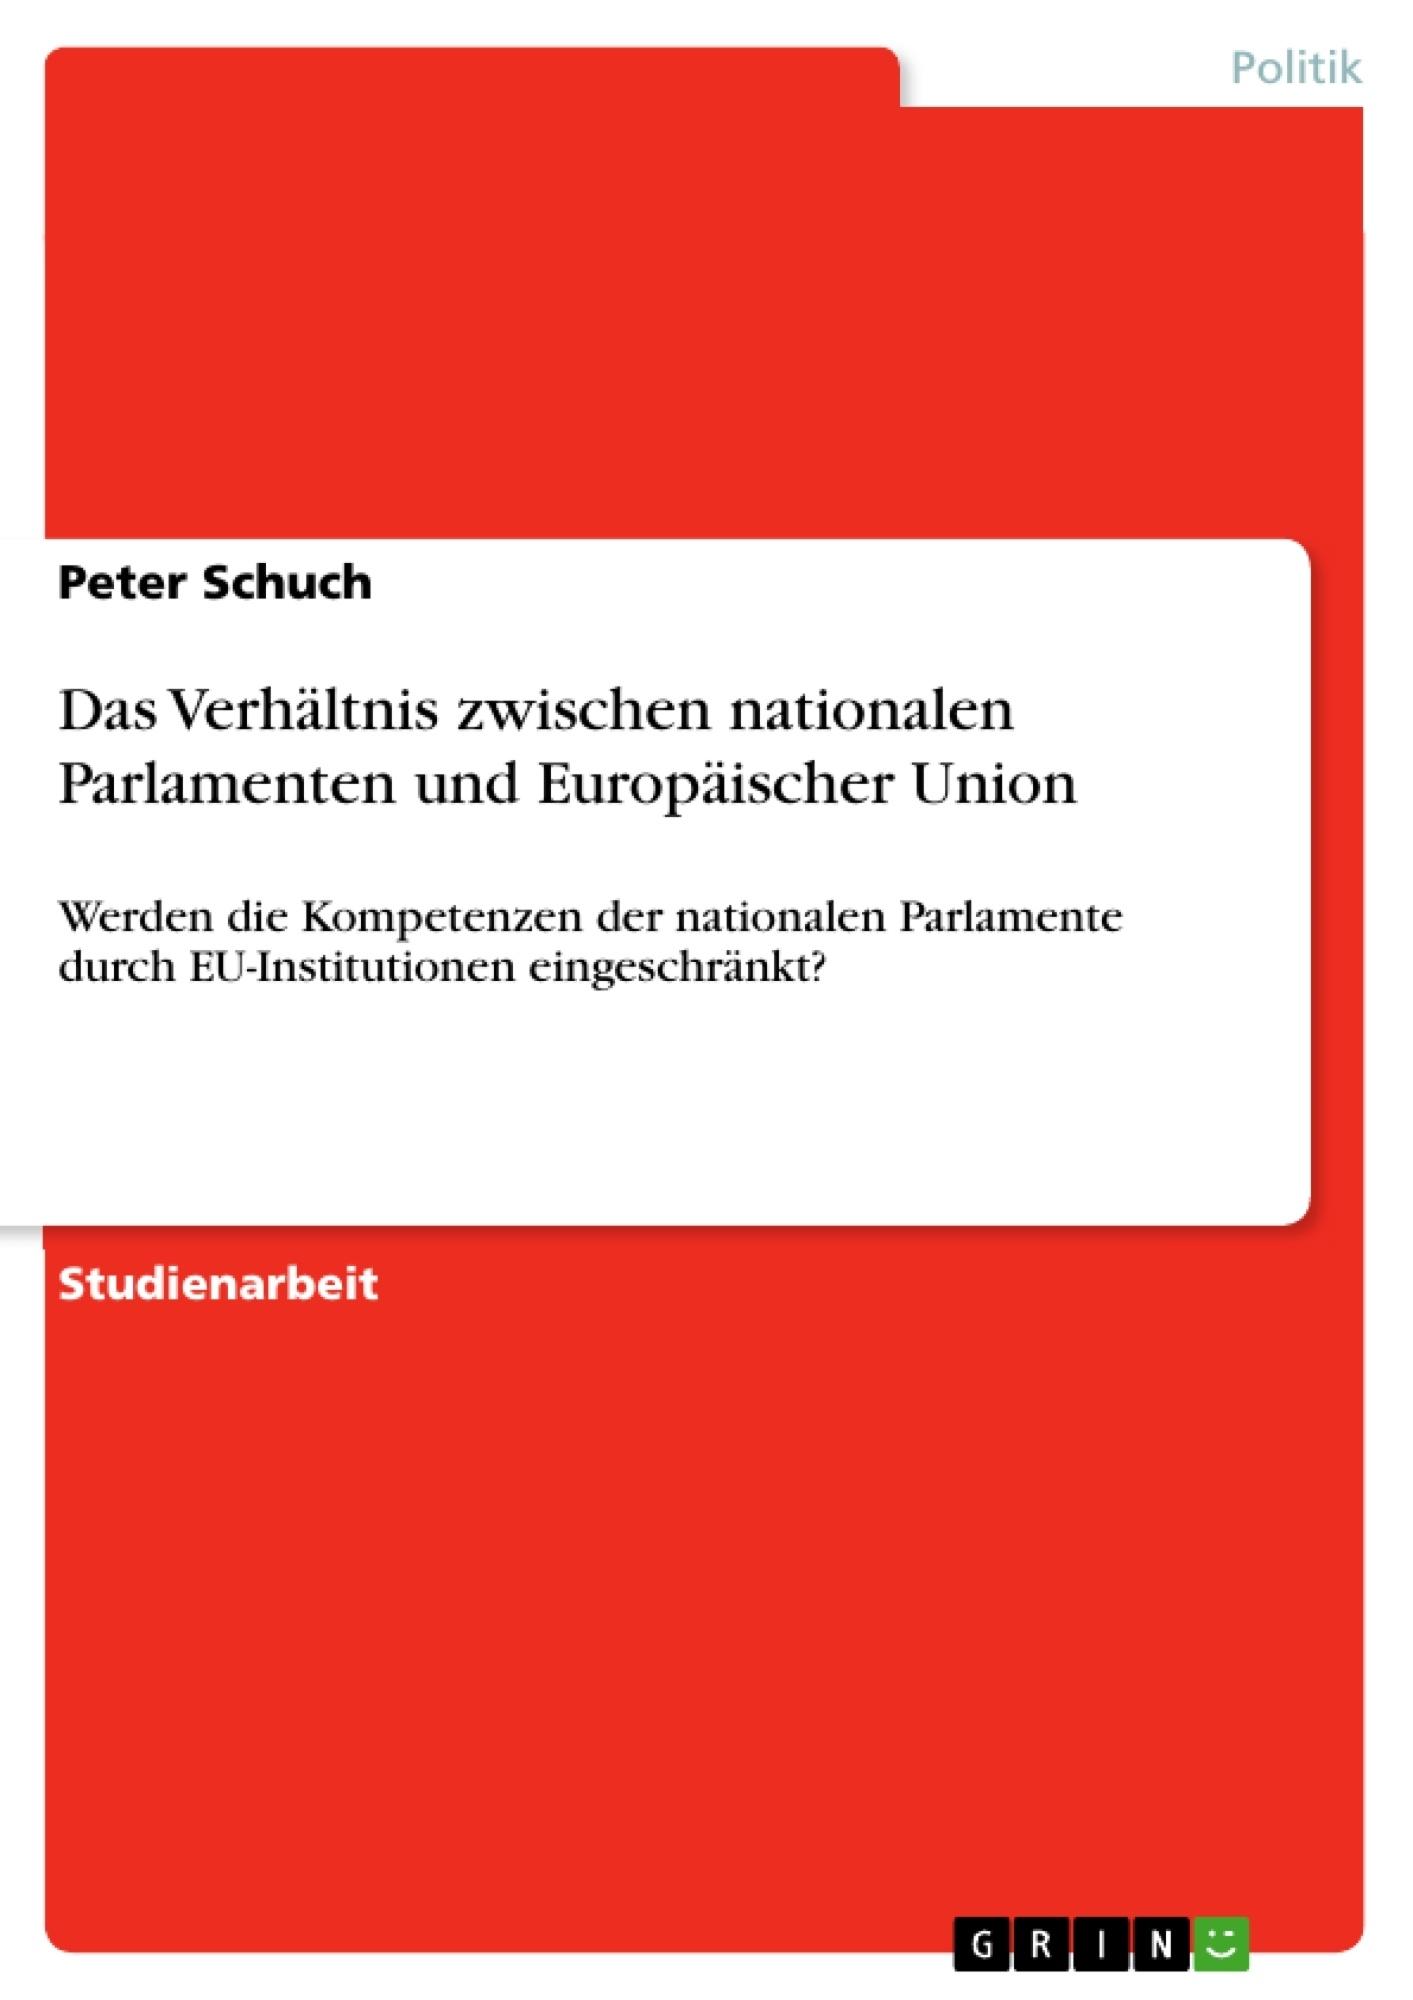 Titel: Das Verhältnis zwischen nationalen Parlamenten und Europäischer Union